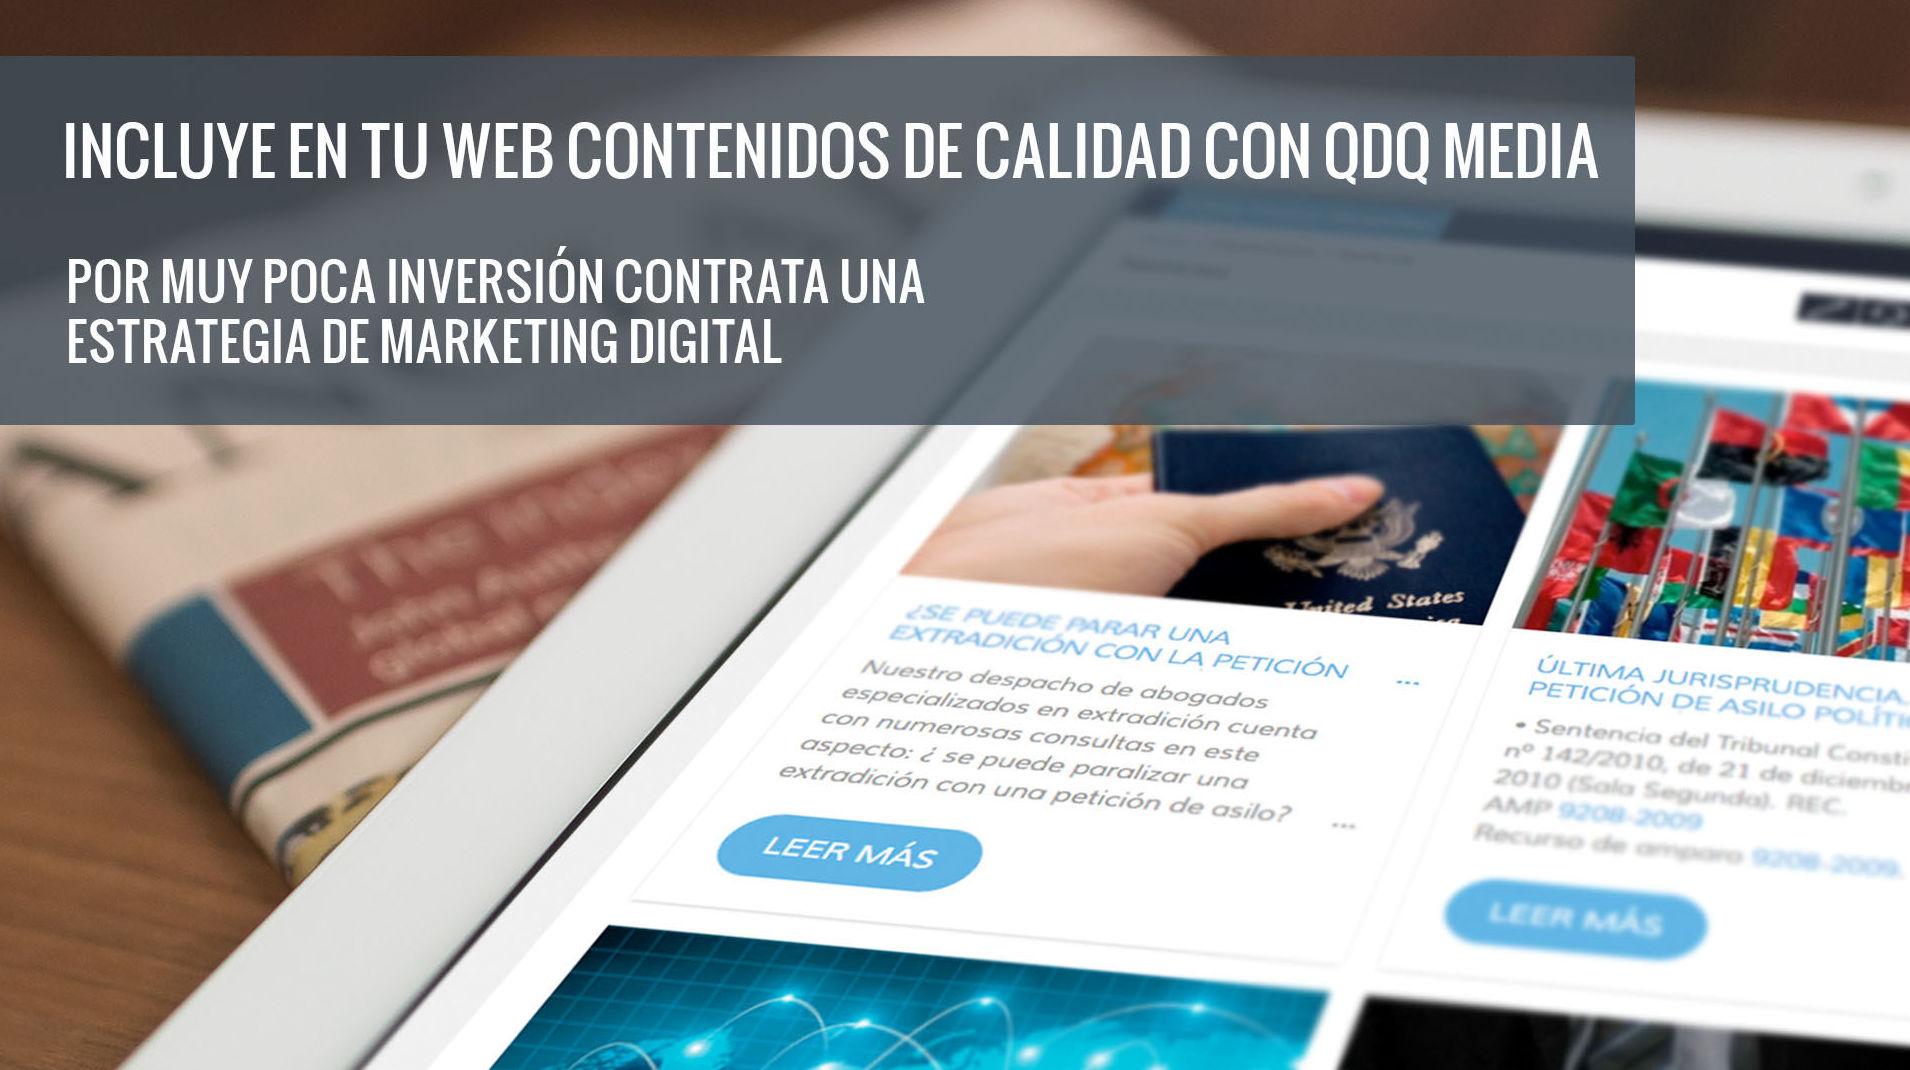 Incluye en tu web contenidos de calidad con QDQ media